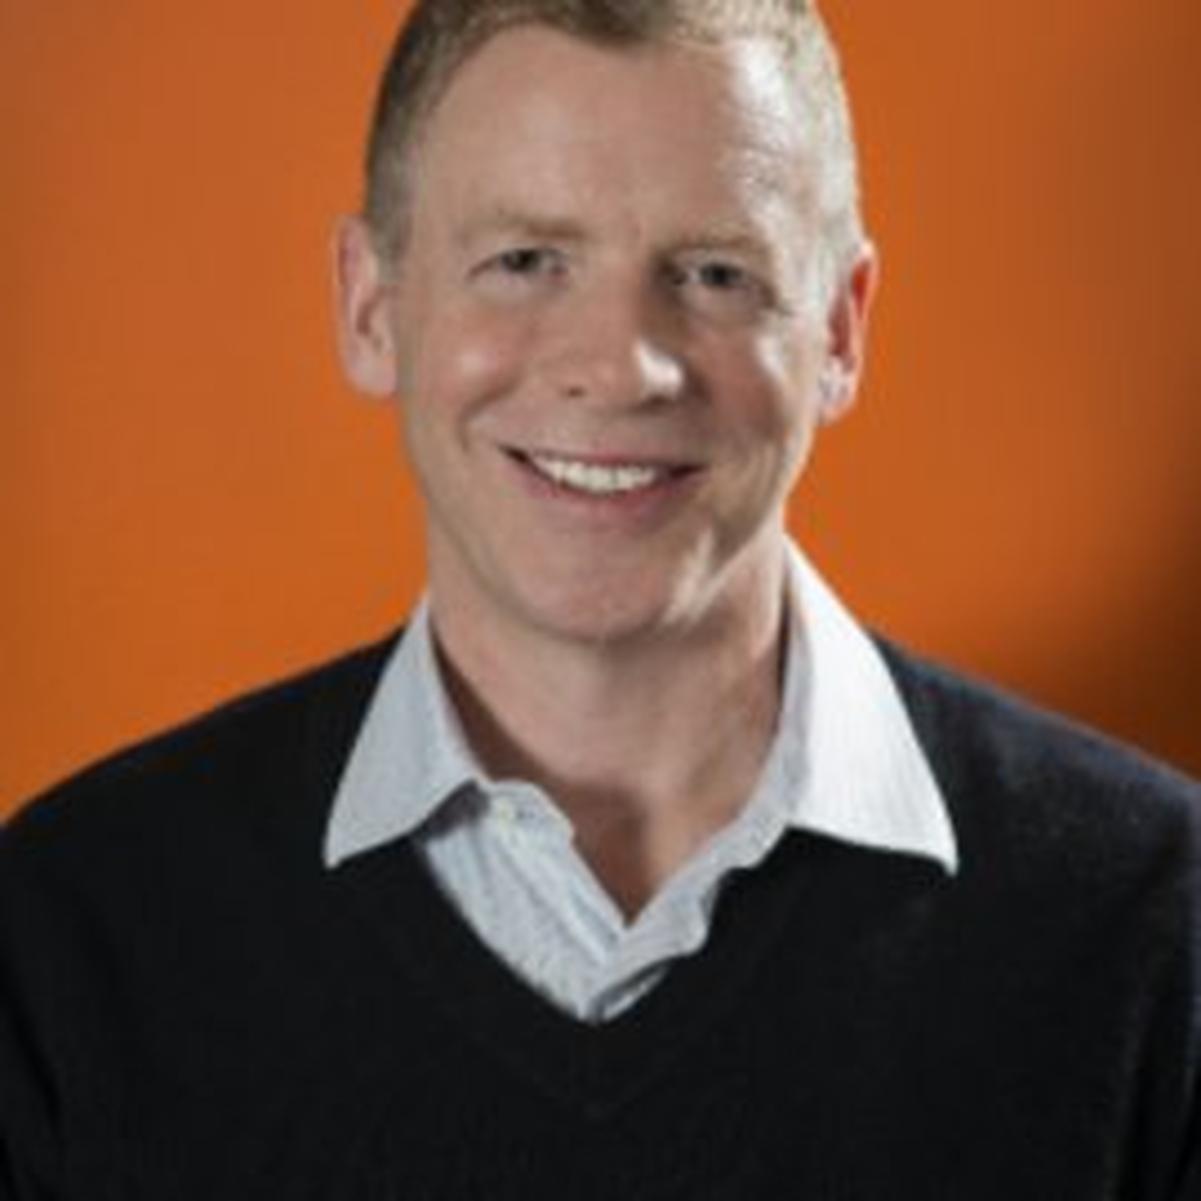 Scott Dietzen